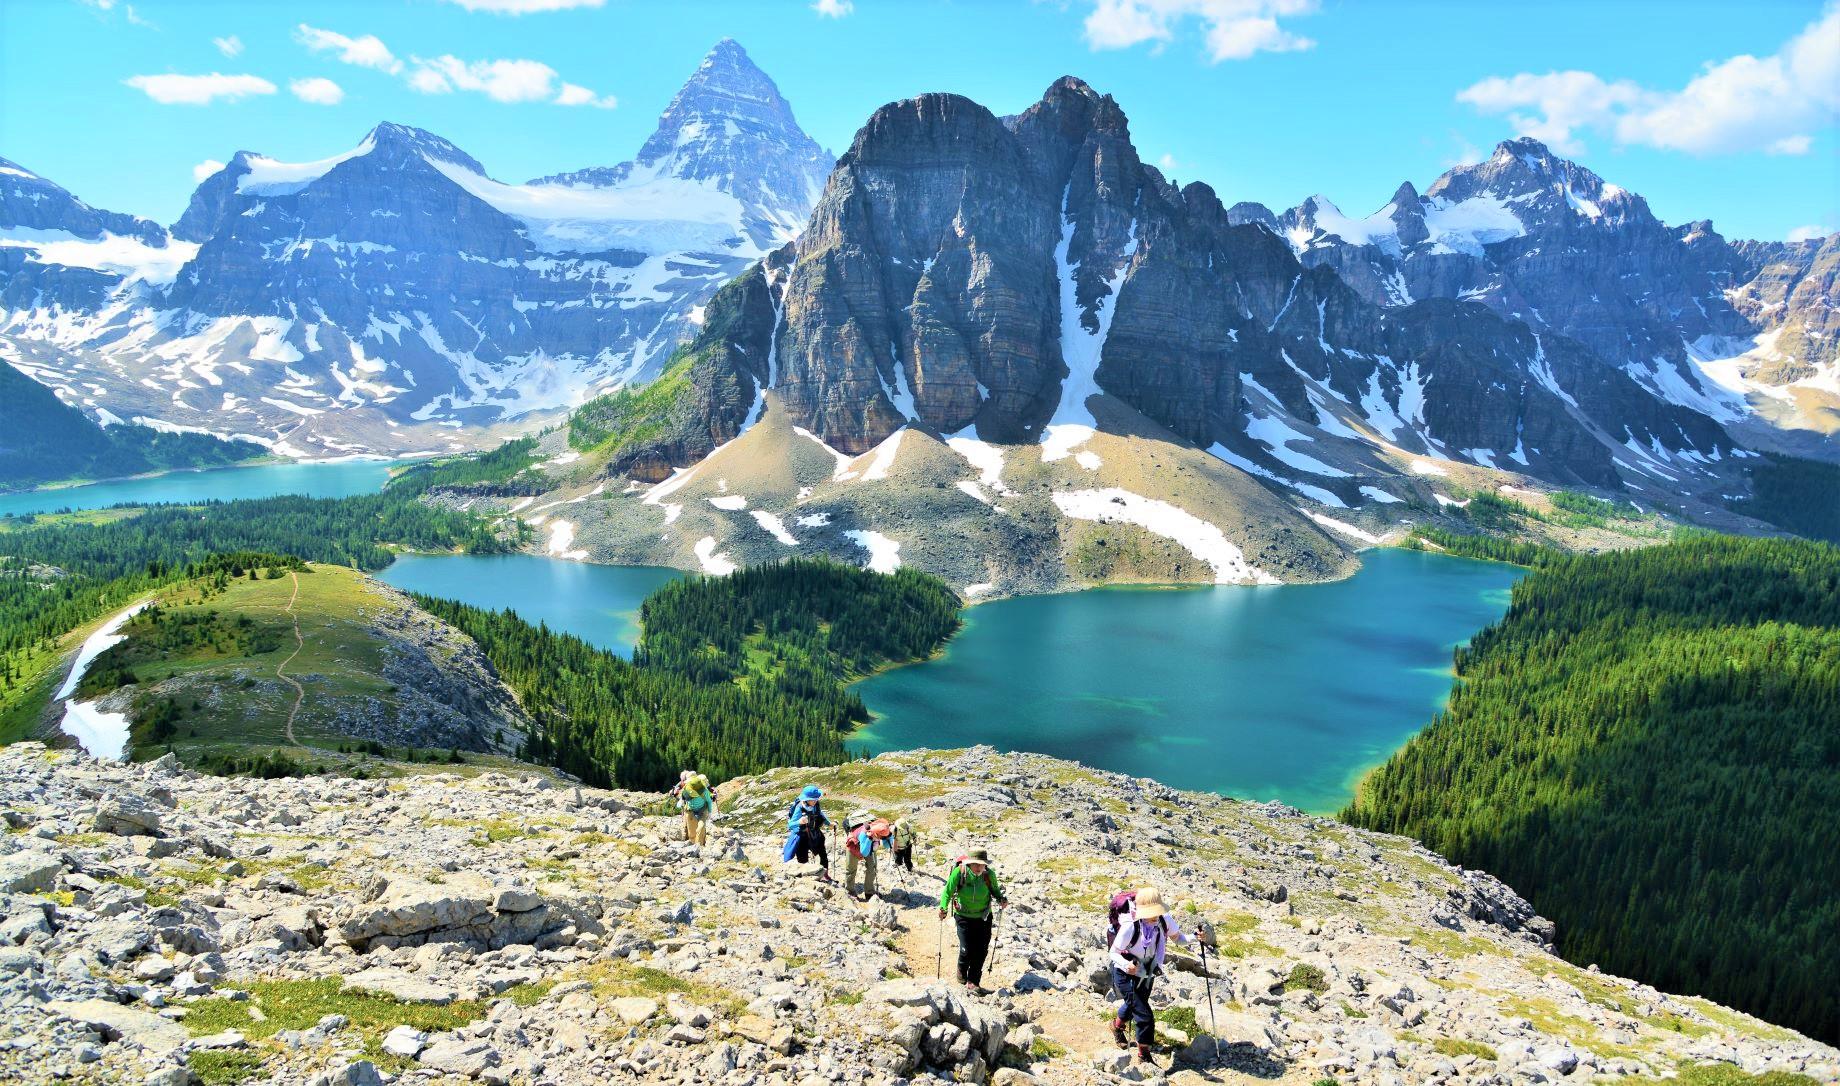 秀峰Mt.アシニボインの麓にテントを張り、日帰りハイキングへ